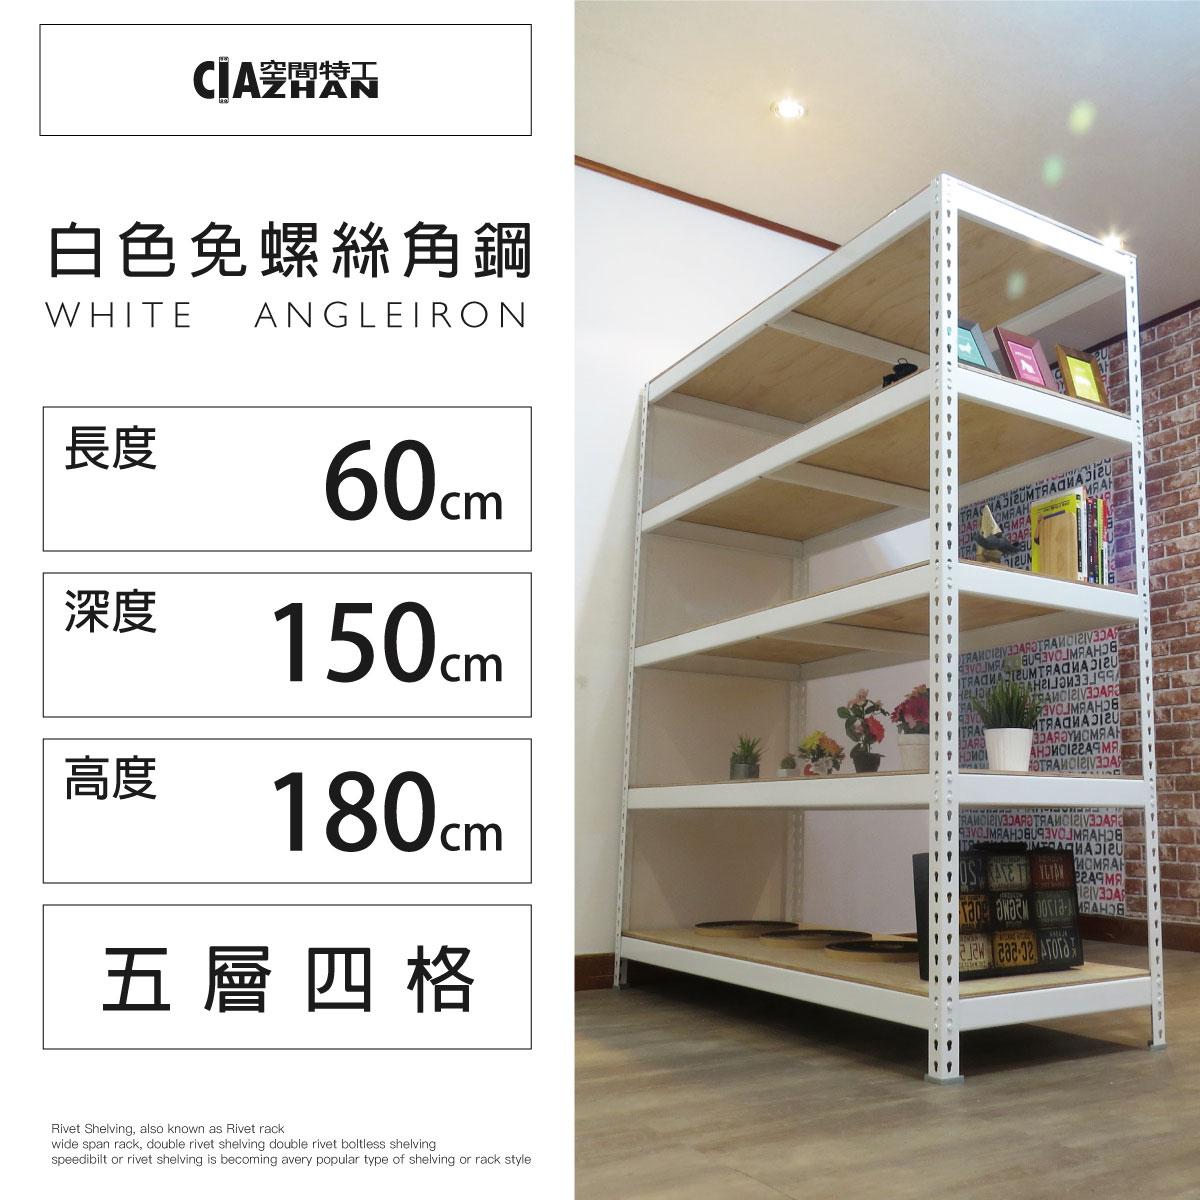 【空間特工】組合收納架 儲物架 展示架 波浪架 雜誌架(2x5x6_5層) 白色免螺絲角鋼 W2050651